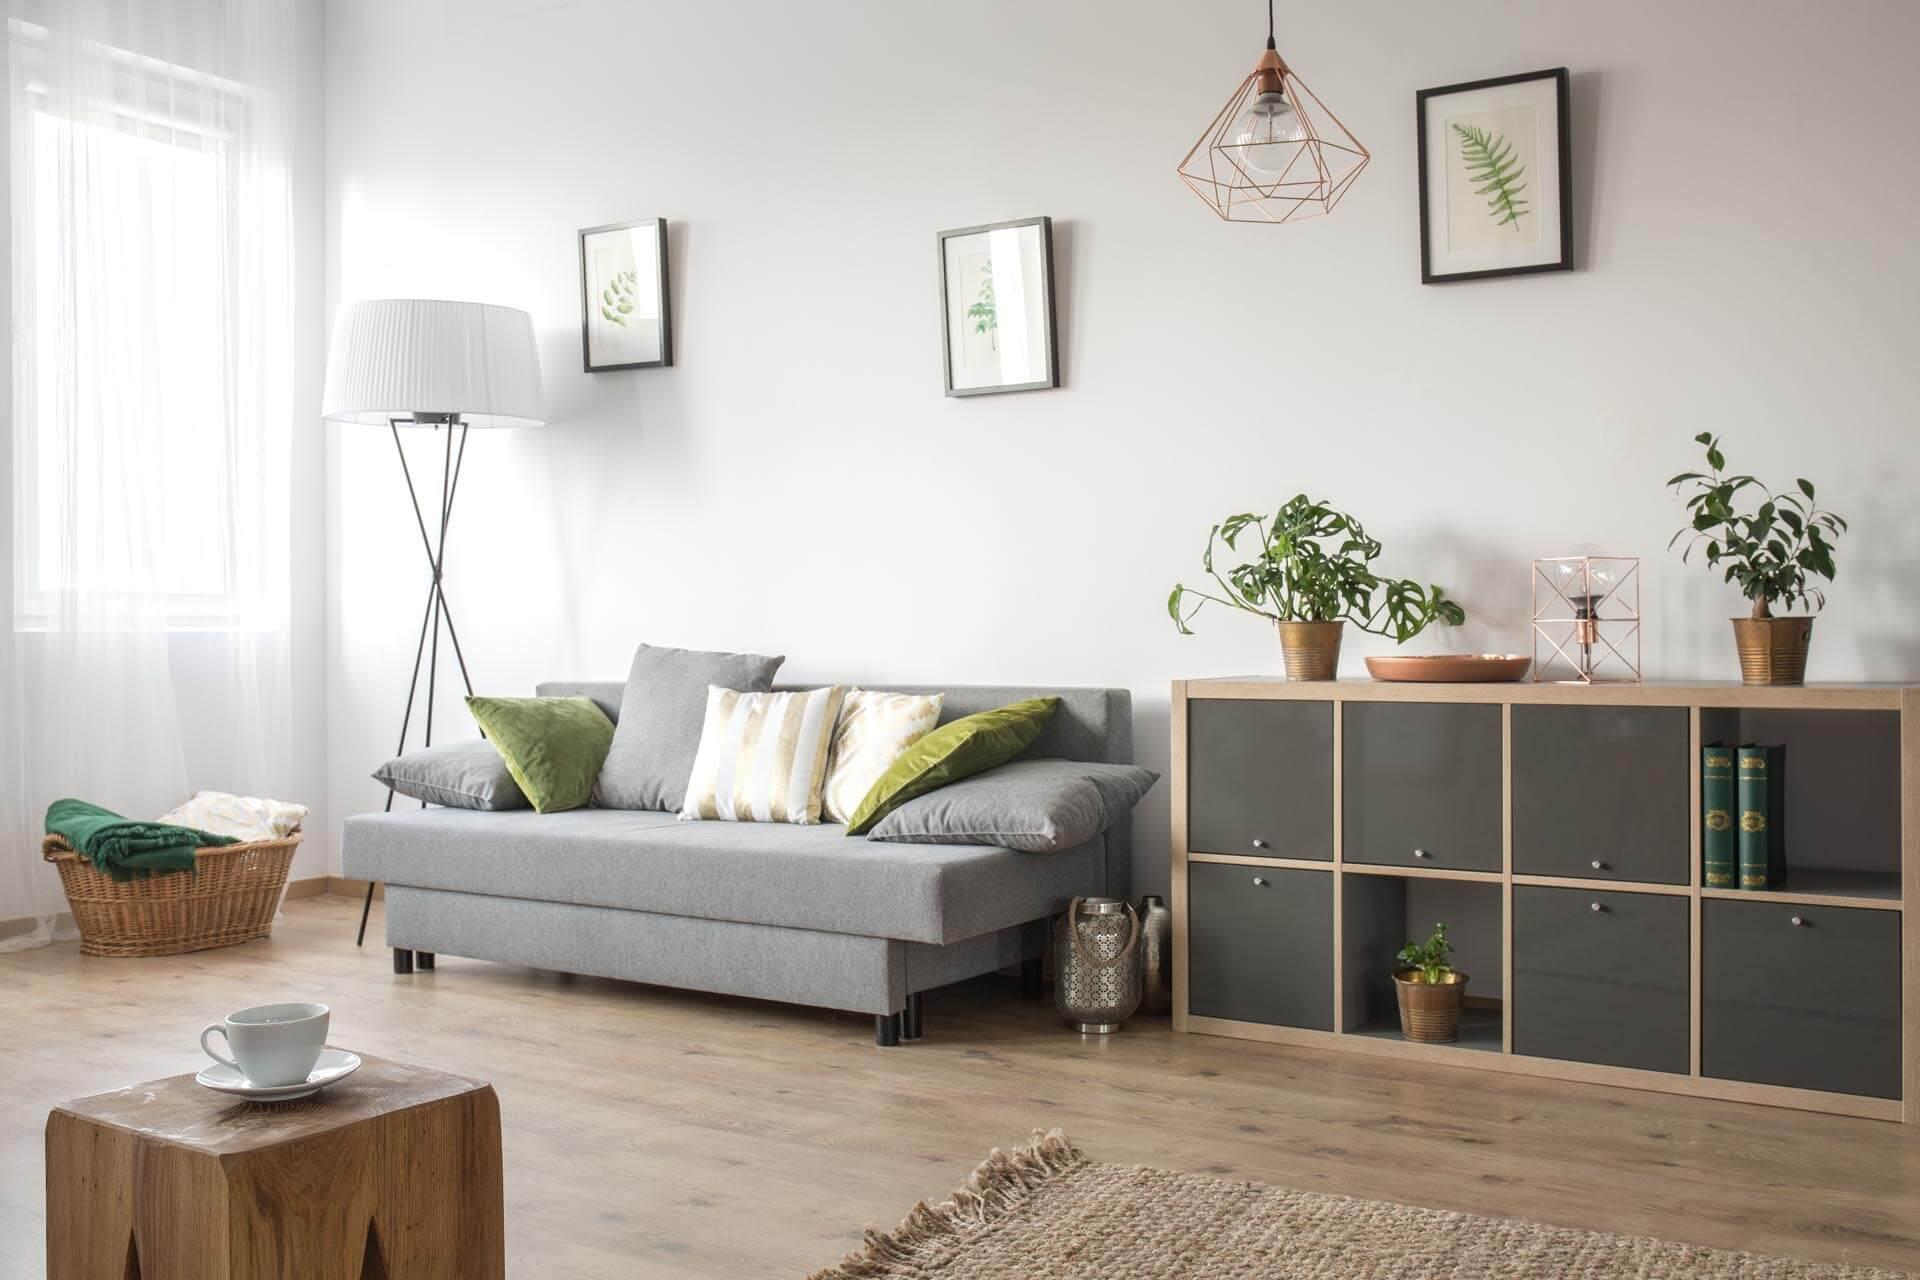 meuble de rangement sur mesure en ligne pour personnaliser votre salon. Black Bedroom Furniture Sets. Home Design Ideas